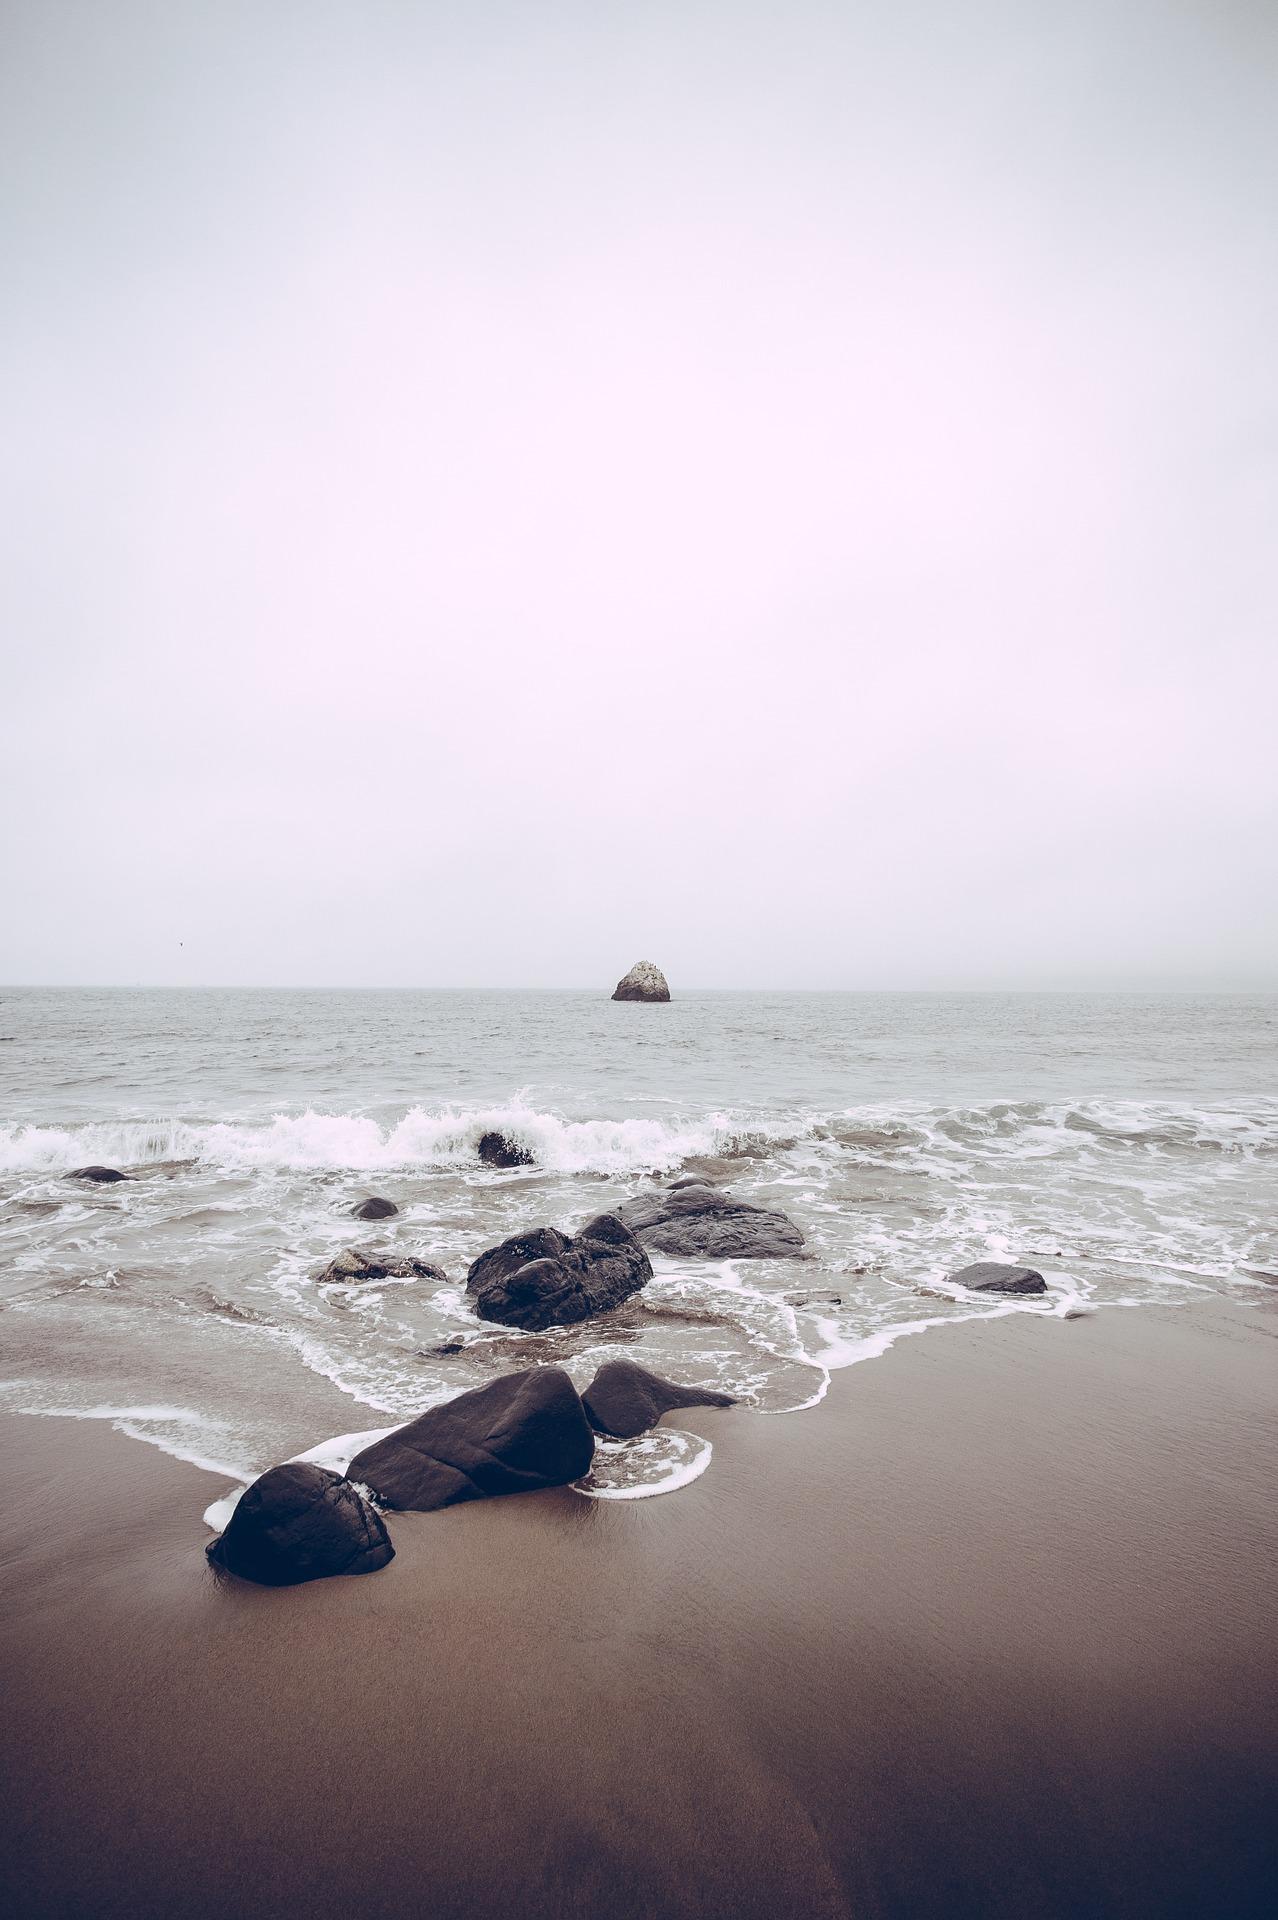 海滩, 石头, 波, 放松, 夏季 - 高清壁纸 - 教授-falken.com